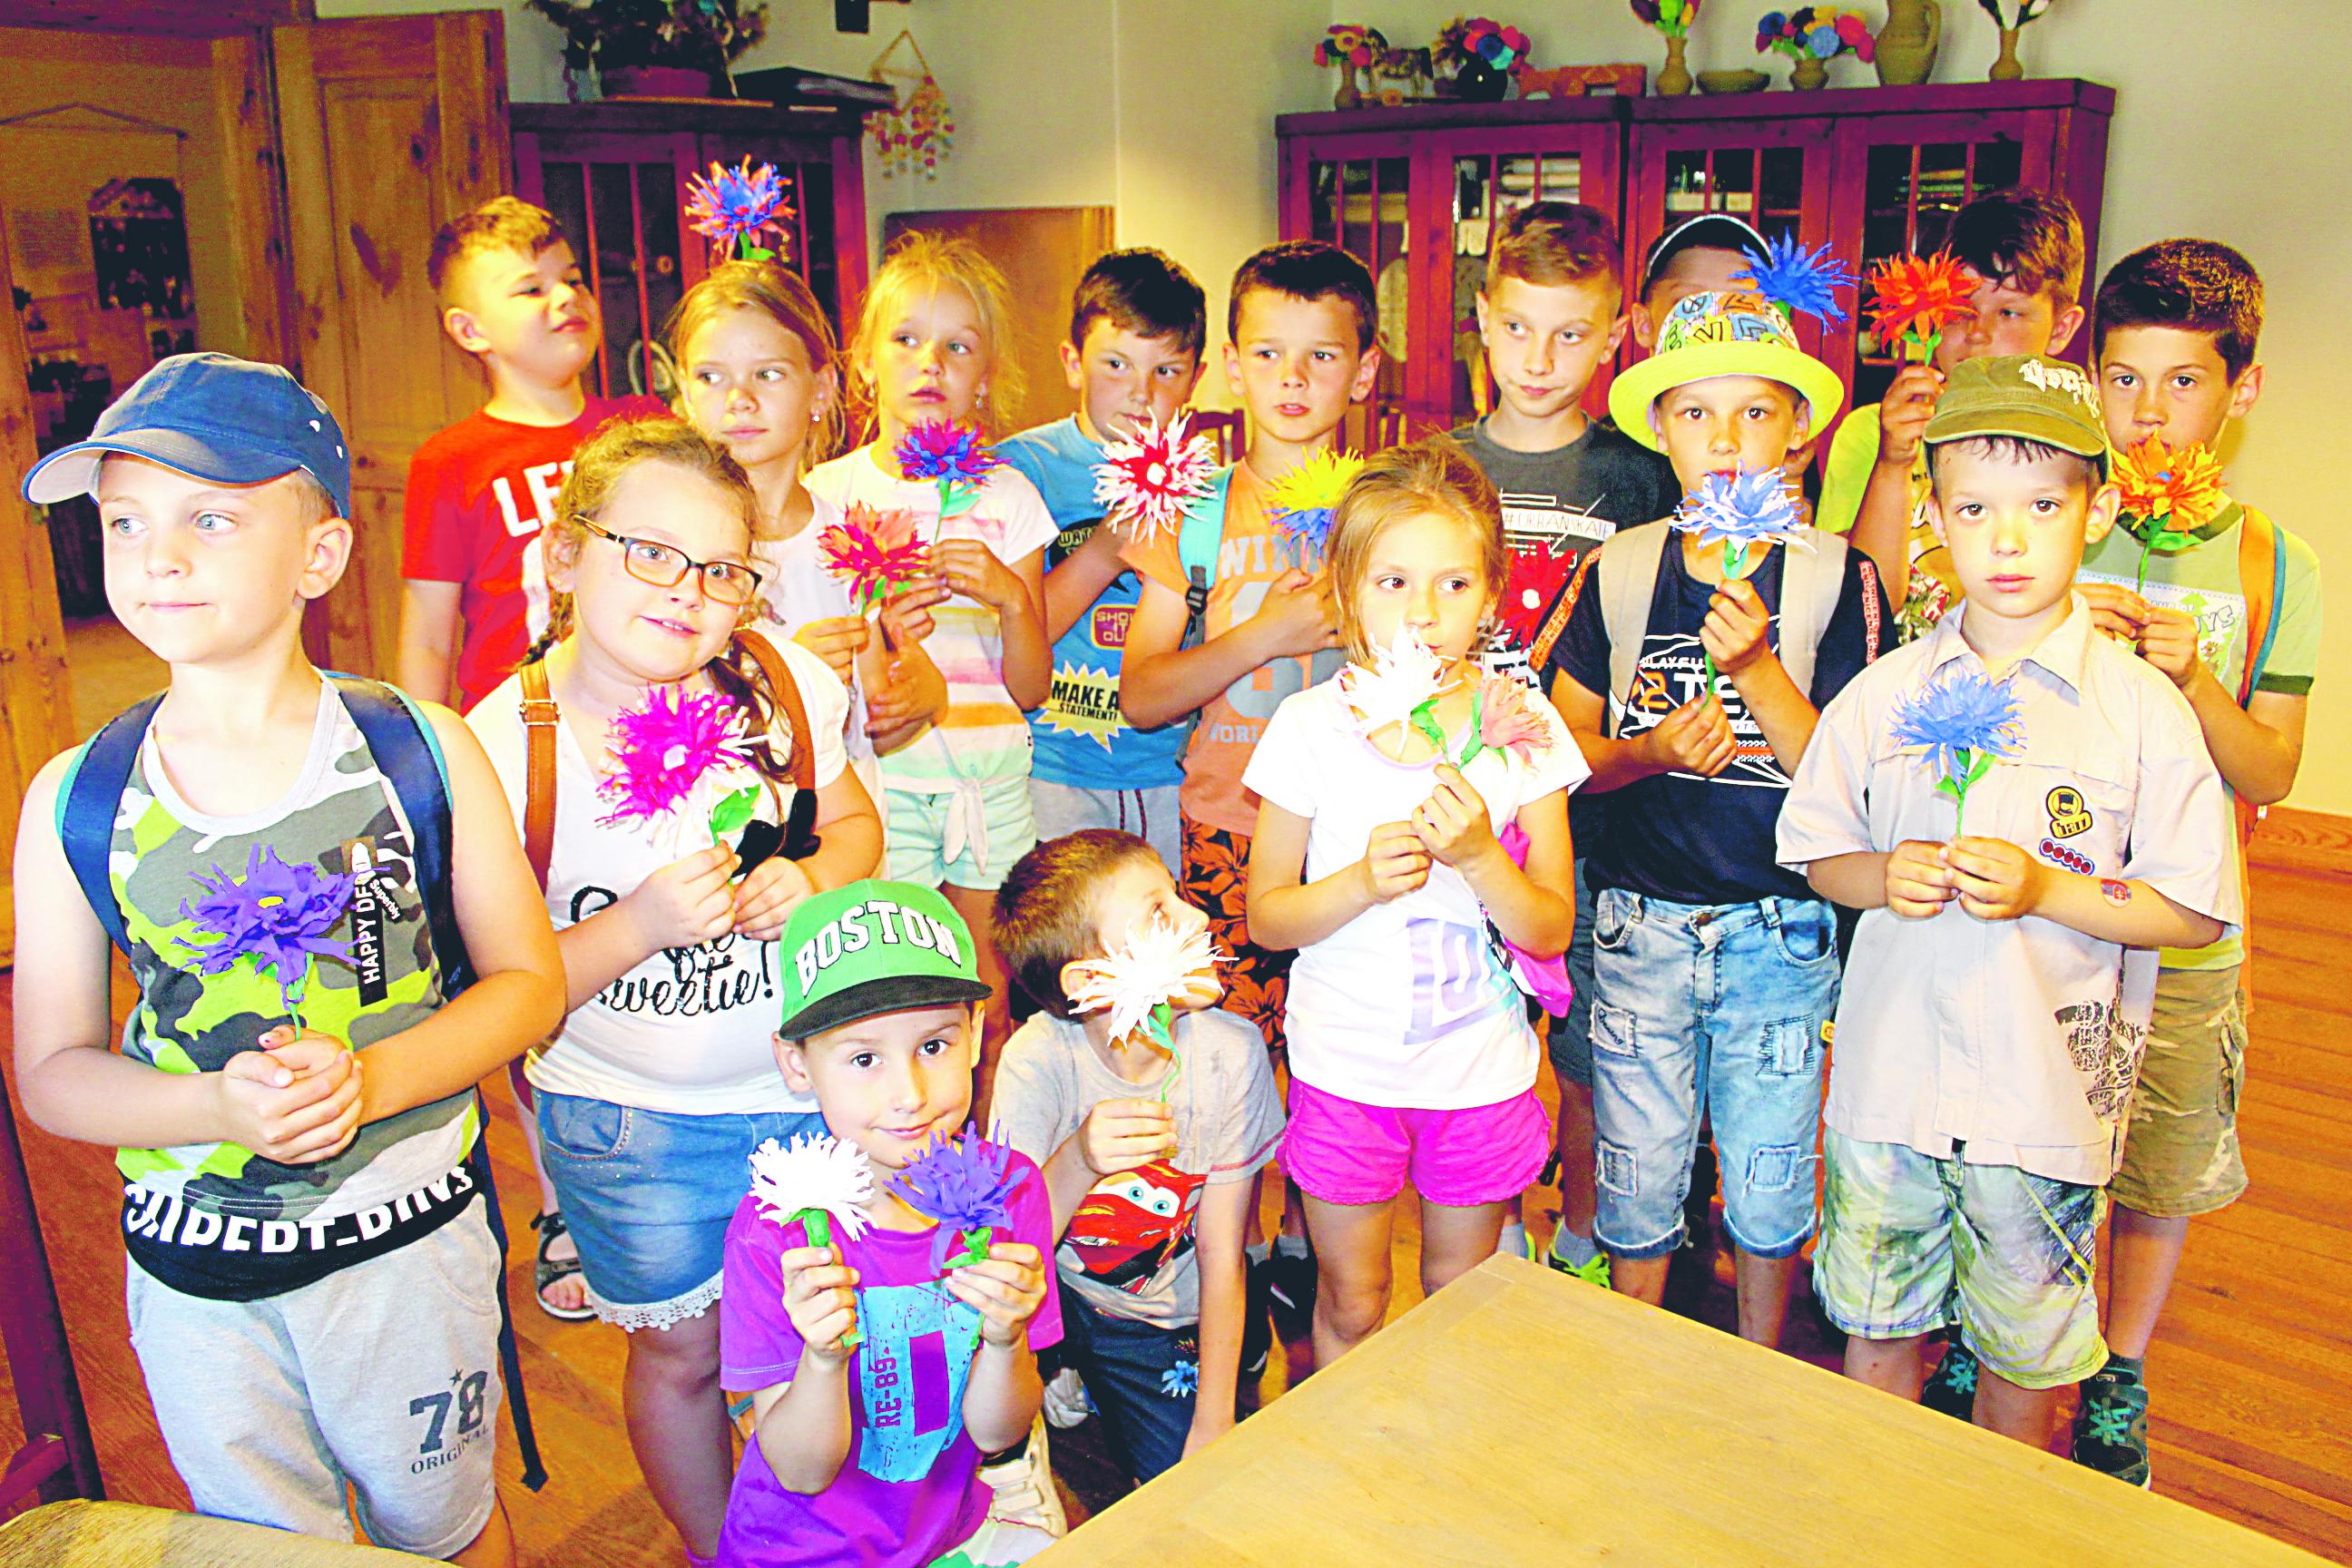 Gmina Raniżów. Aktywne popołudnia dla uczniów Szkoły Podstawowej w Mazurach. Spotkanie z kulturą i rękodziełem. - Zdjęcie główne